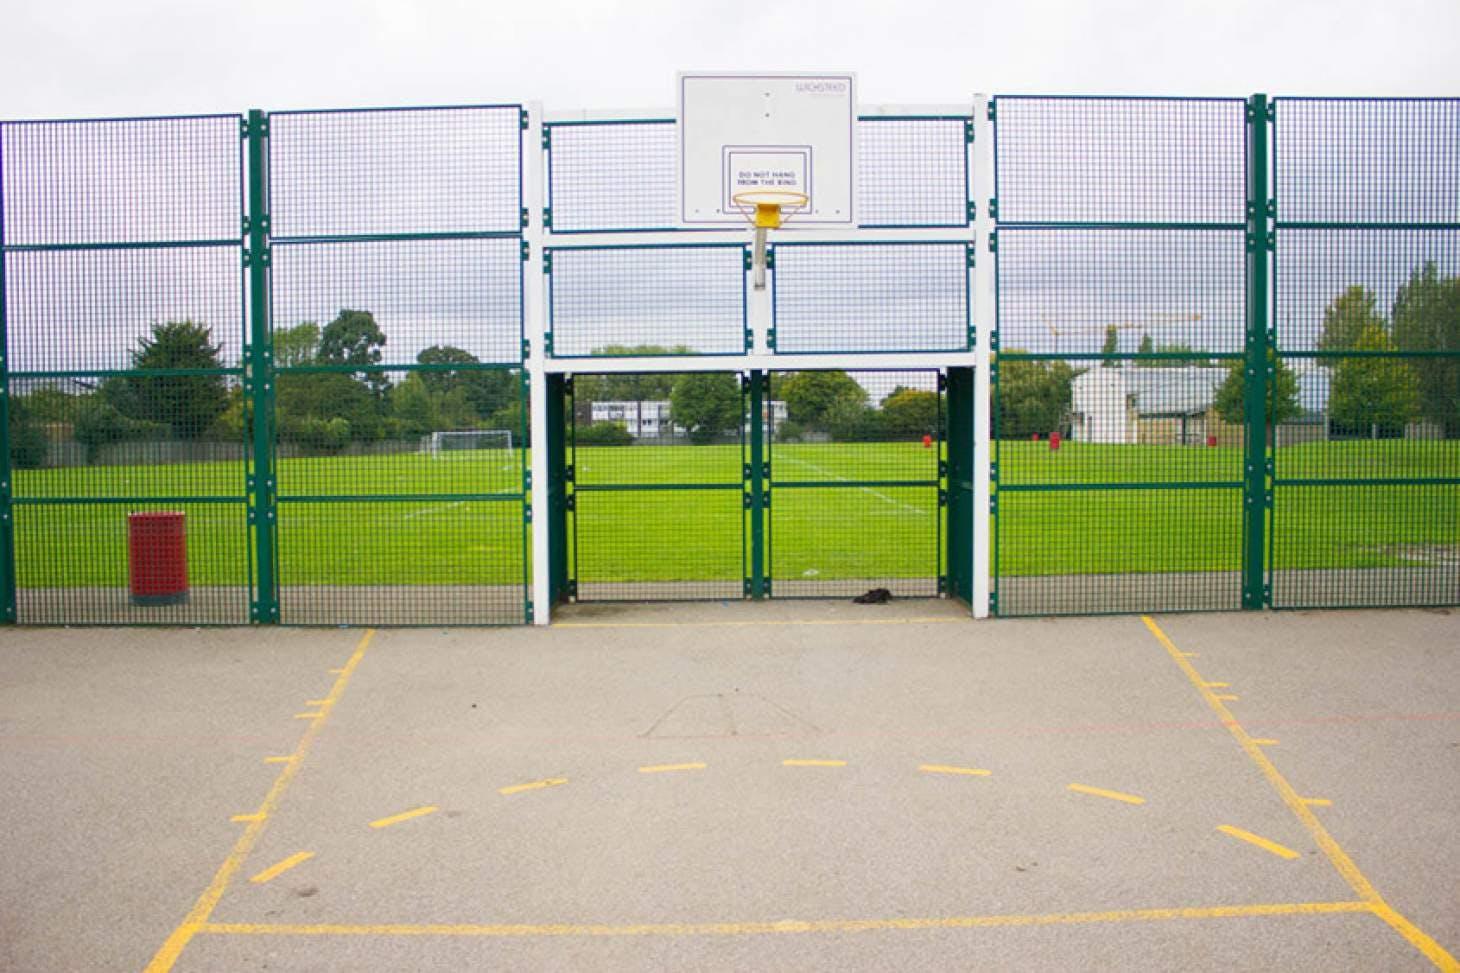 Queens Park Community School Outdoor | Hard (macadam) basketball court